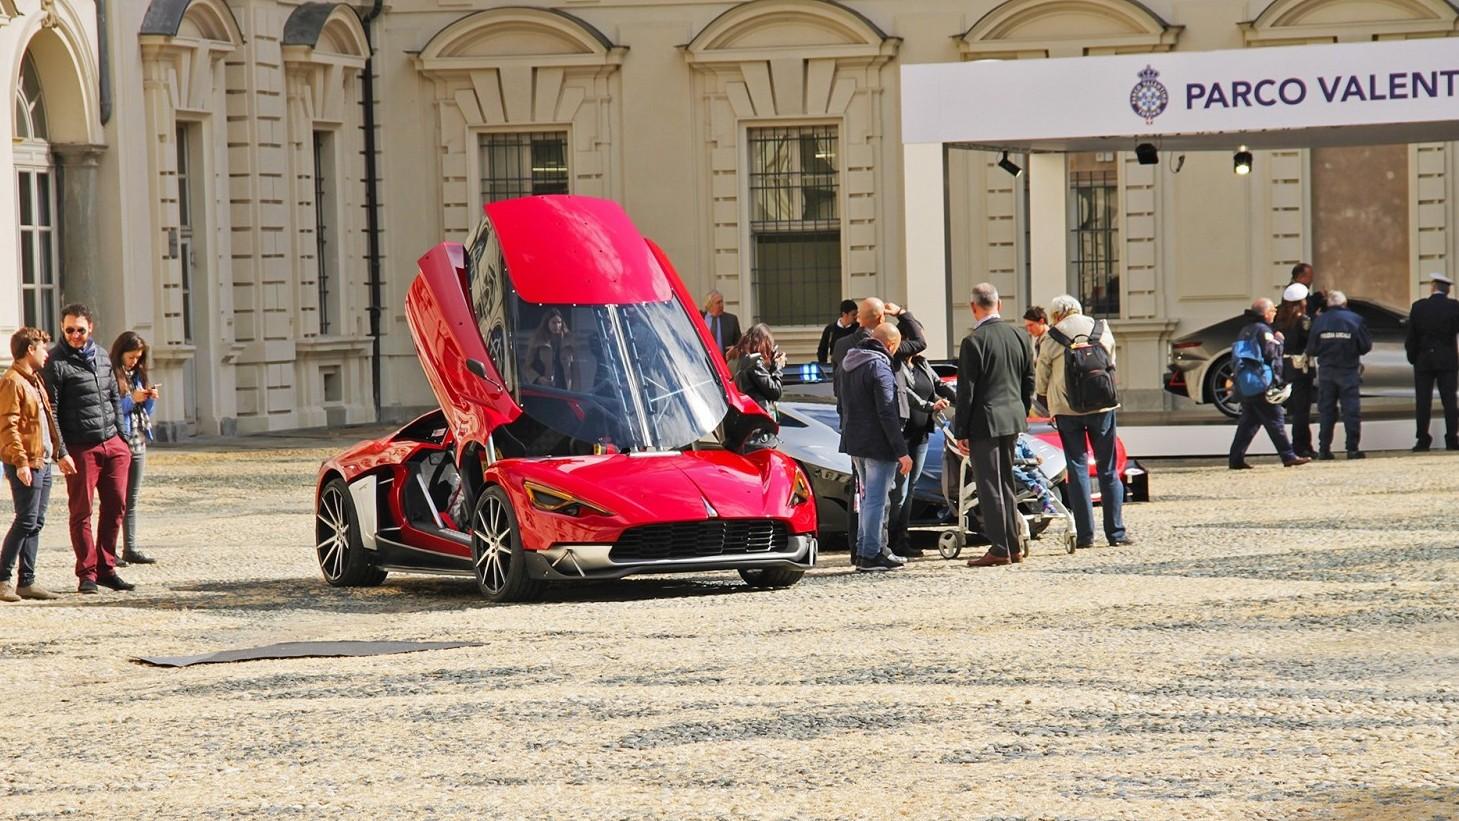 Festa auto tra supercar e vetture smart